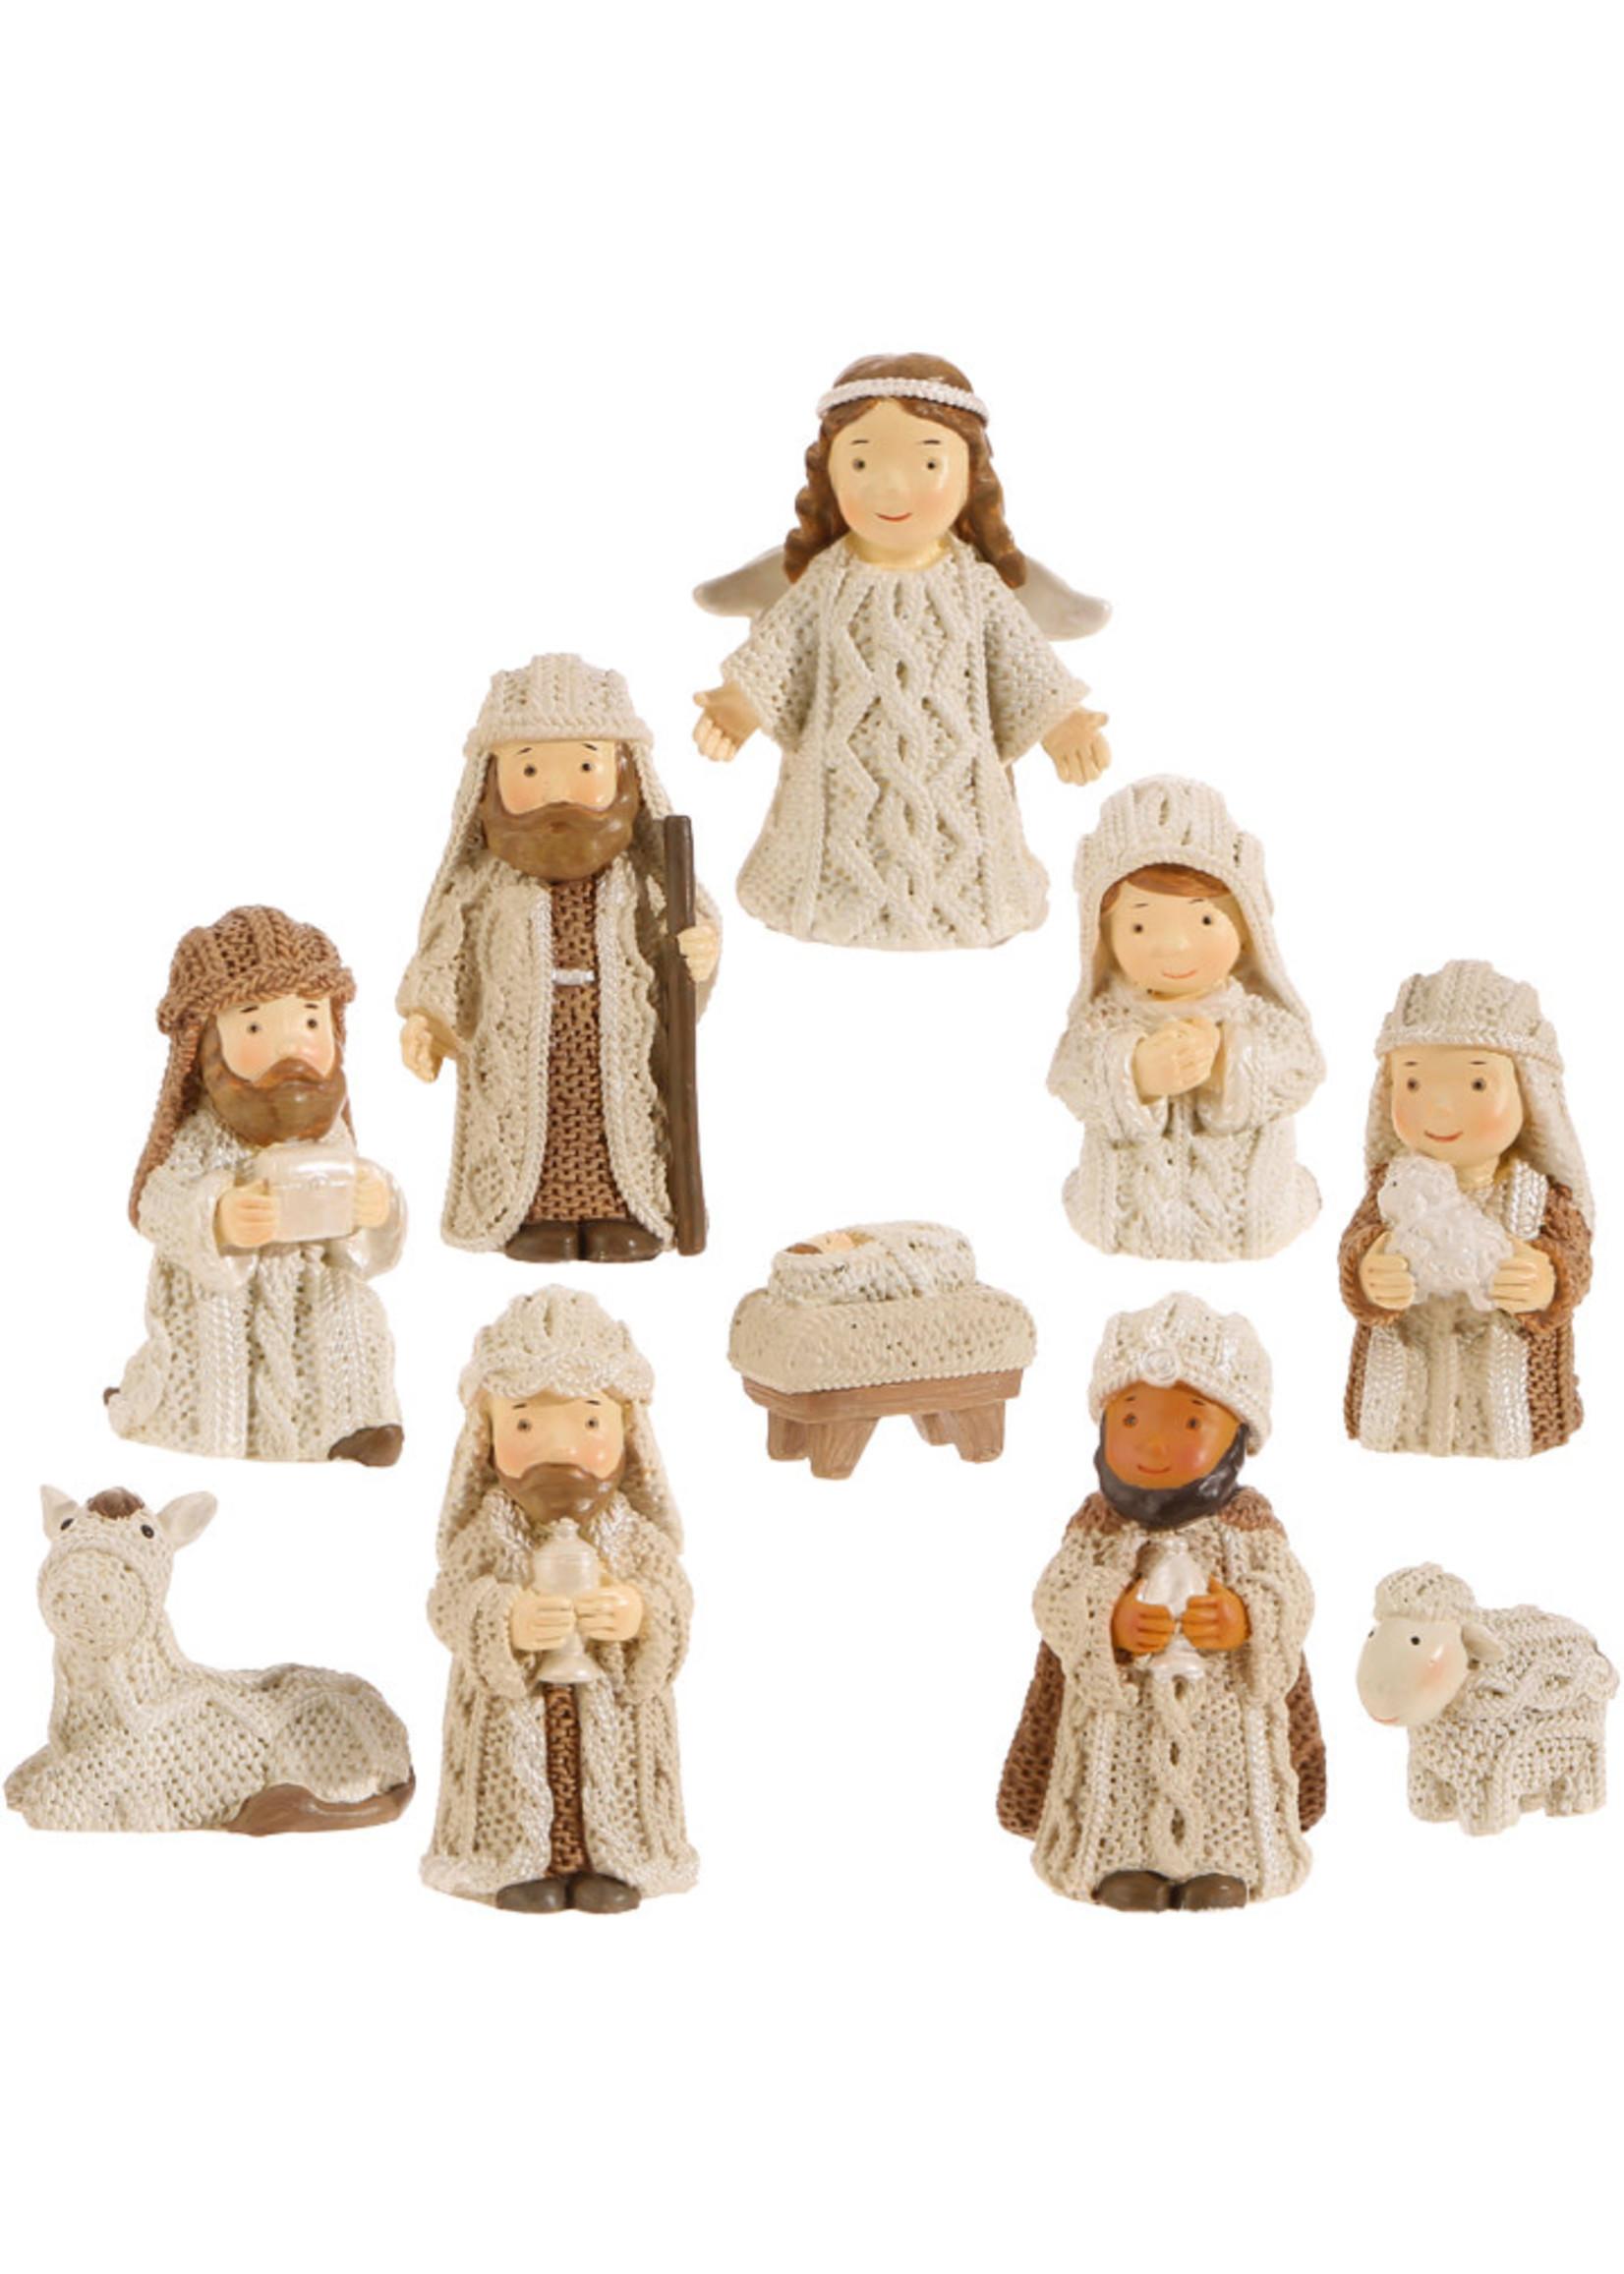 Knit Nativity Set - 2.5 inch